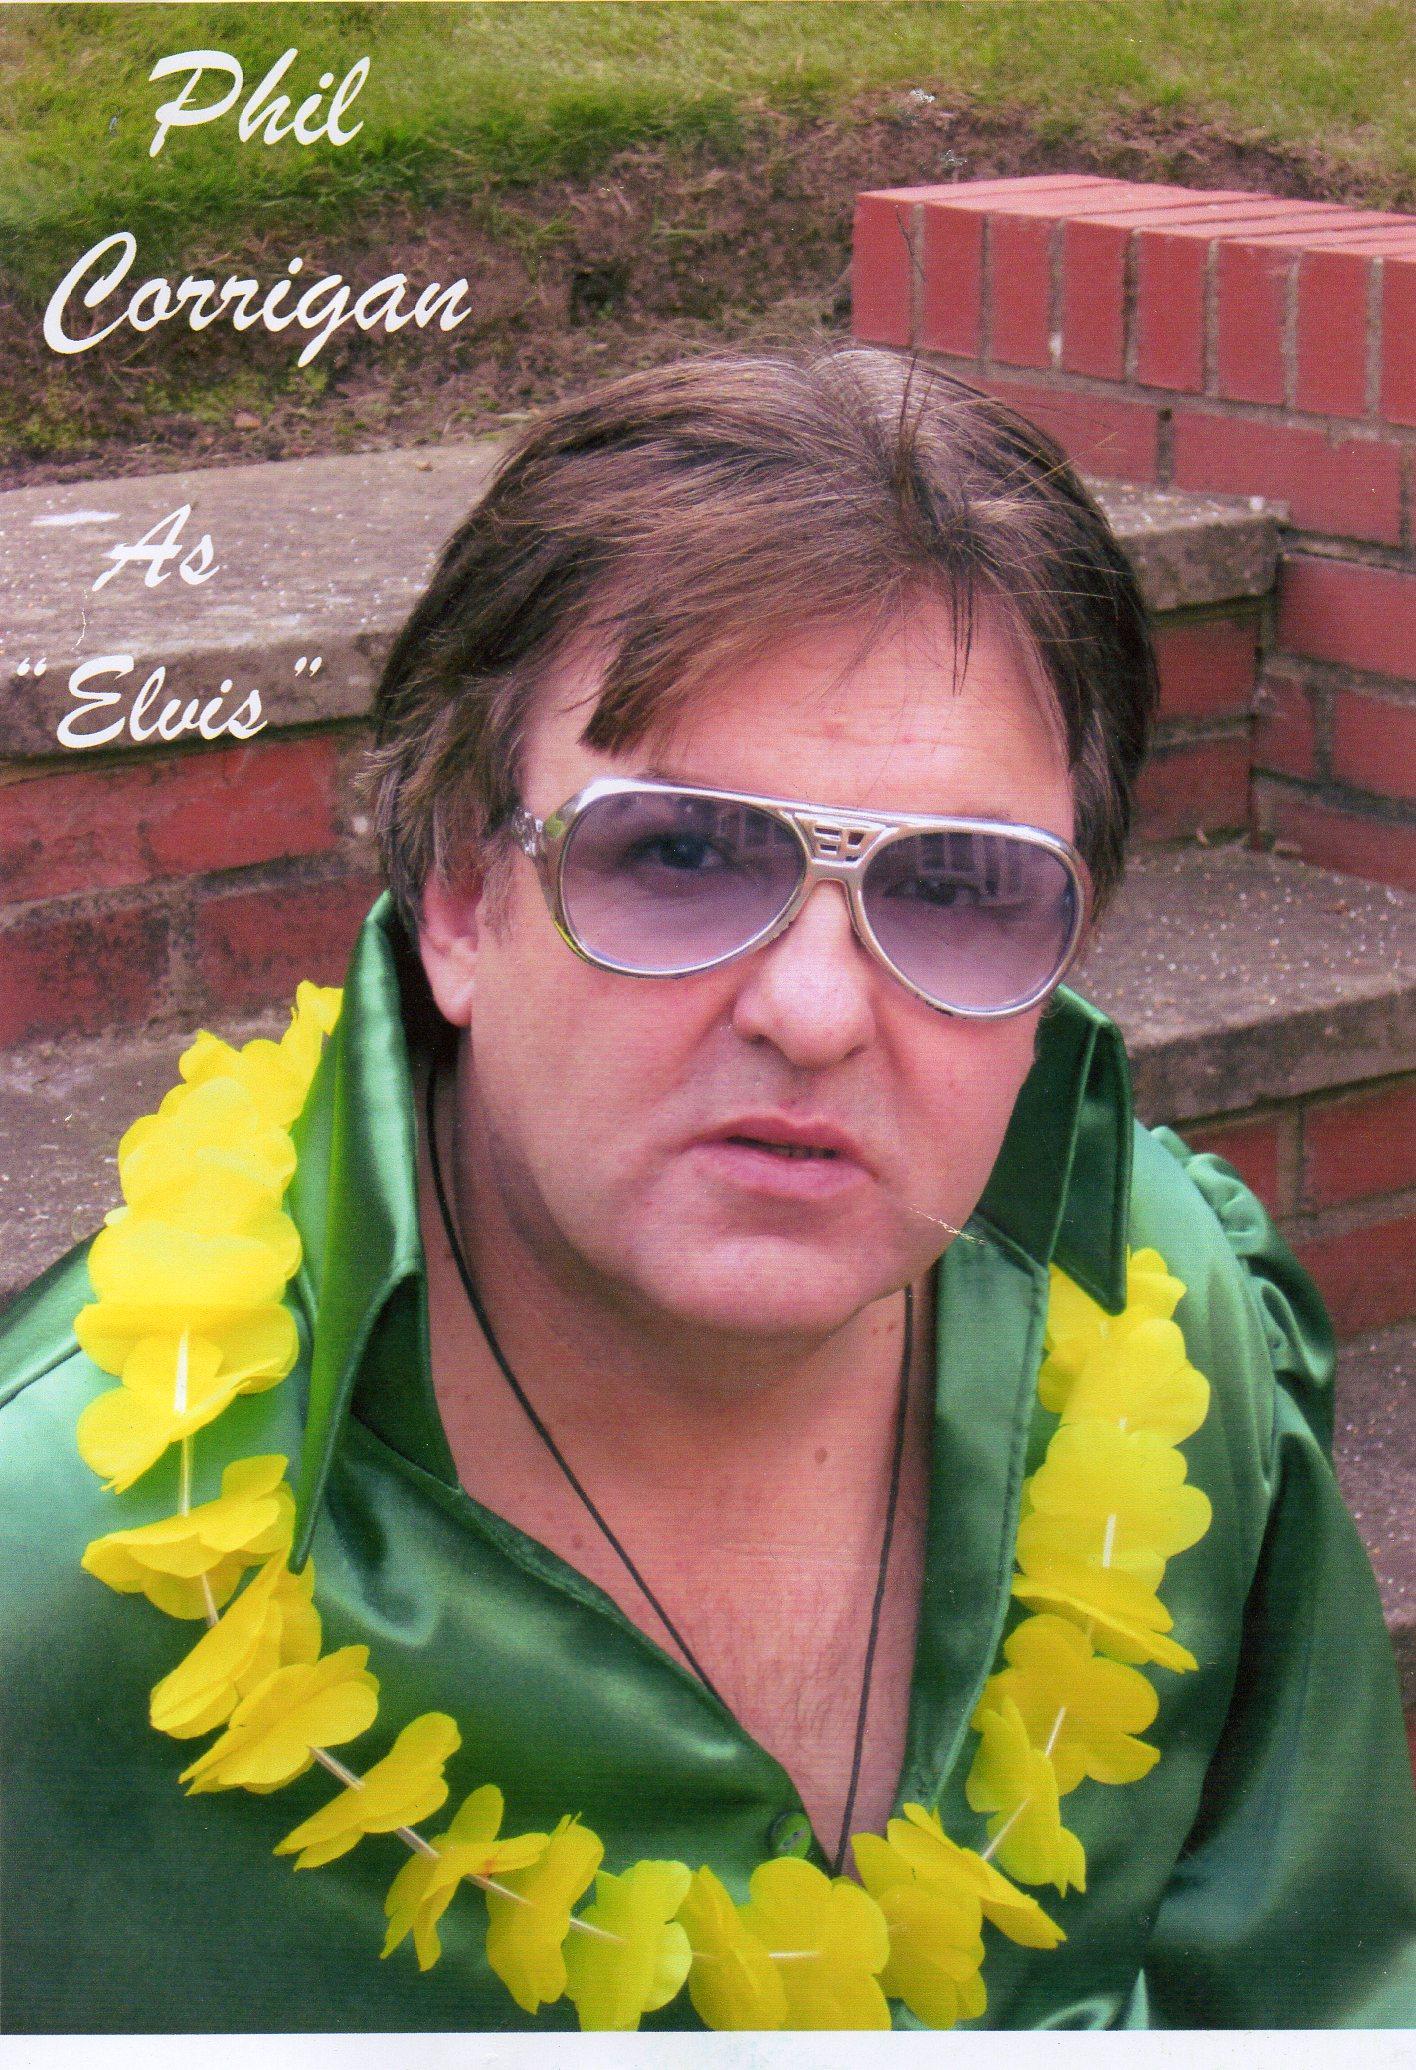 Phil Corrigan Male Vocalist Co Durham